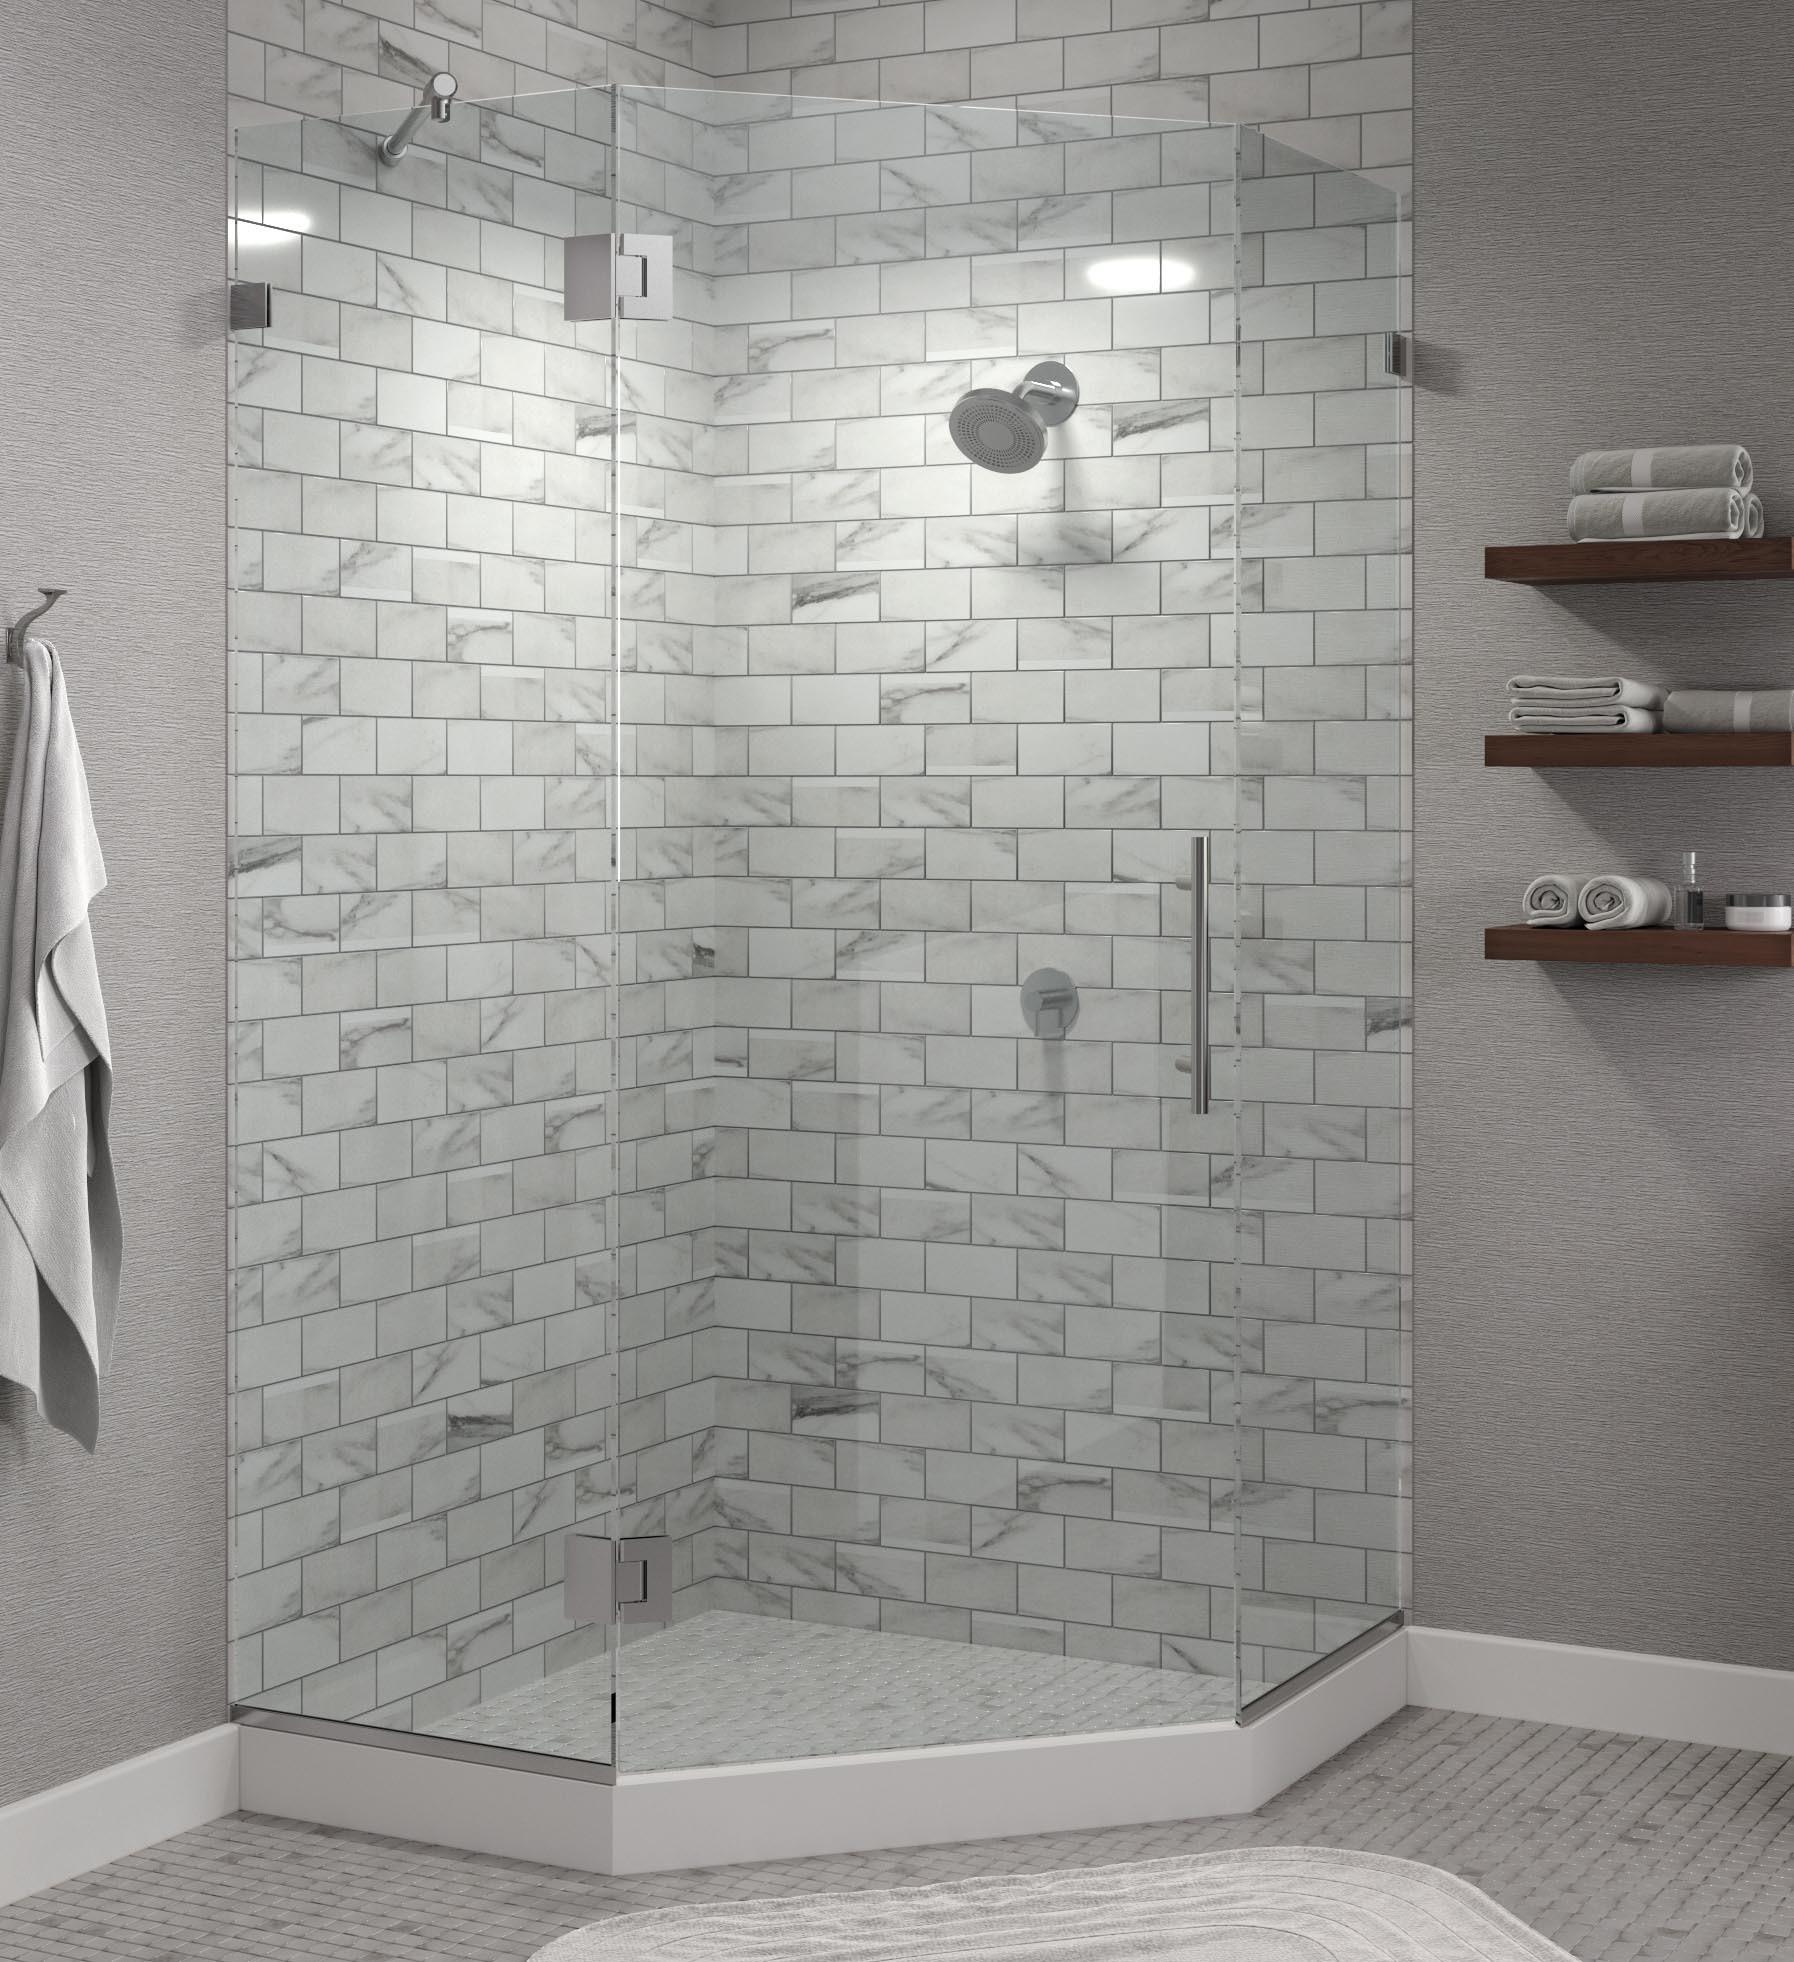 Dresden Frameless 3/8 inch Glass Neo Angle Swing Shower Door